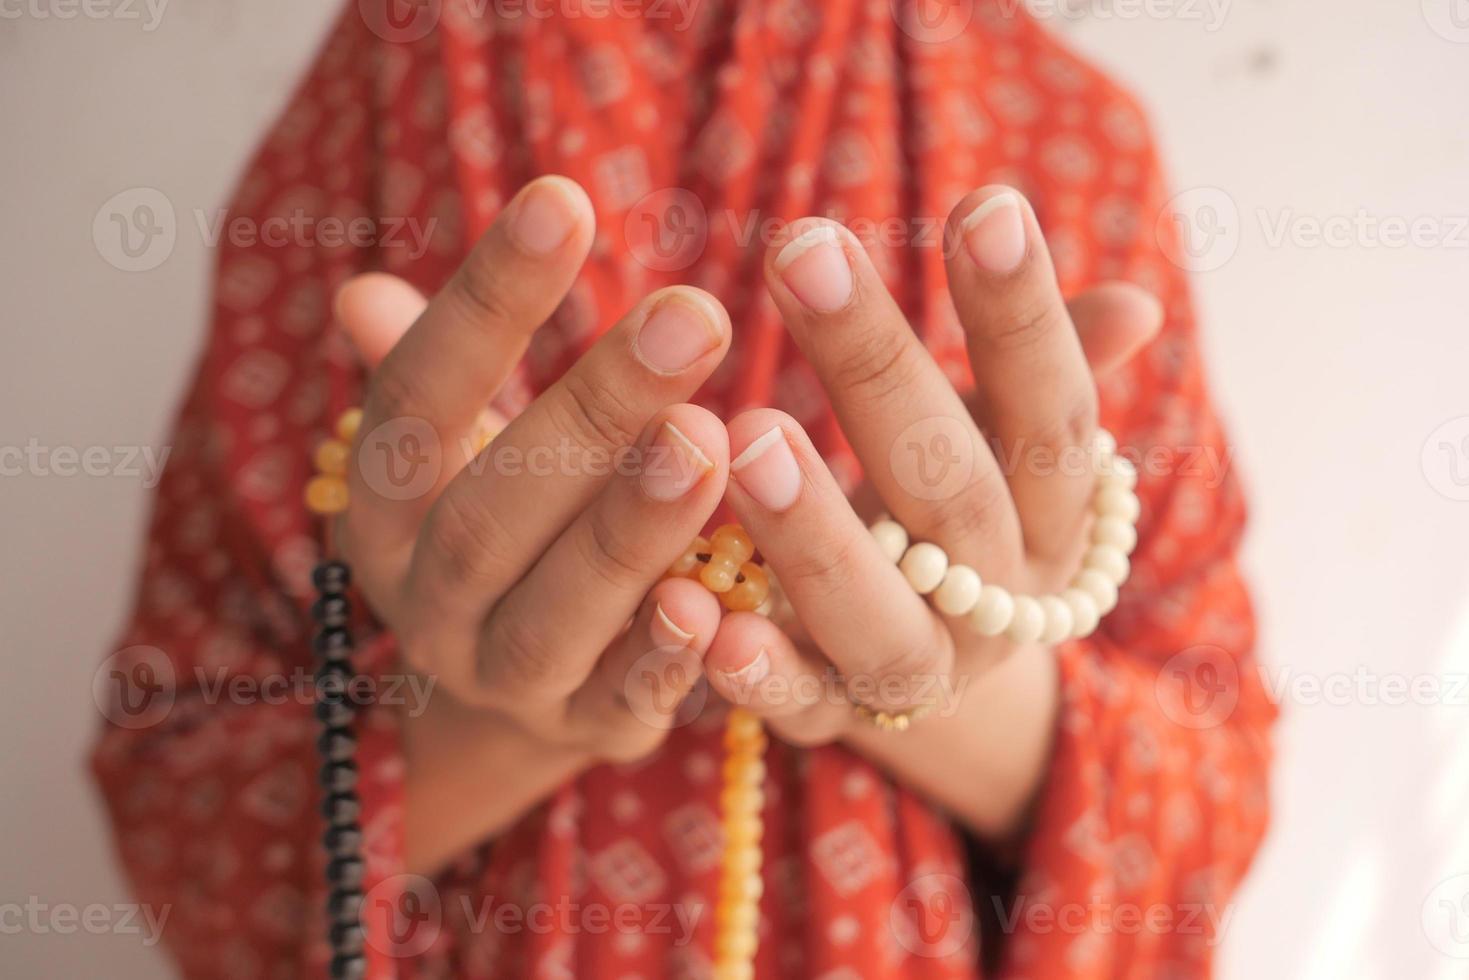 Nahaufnahme der Hände, die mit Perlen beten foto